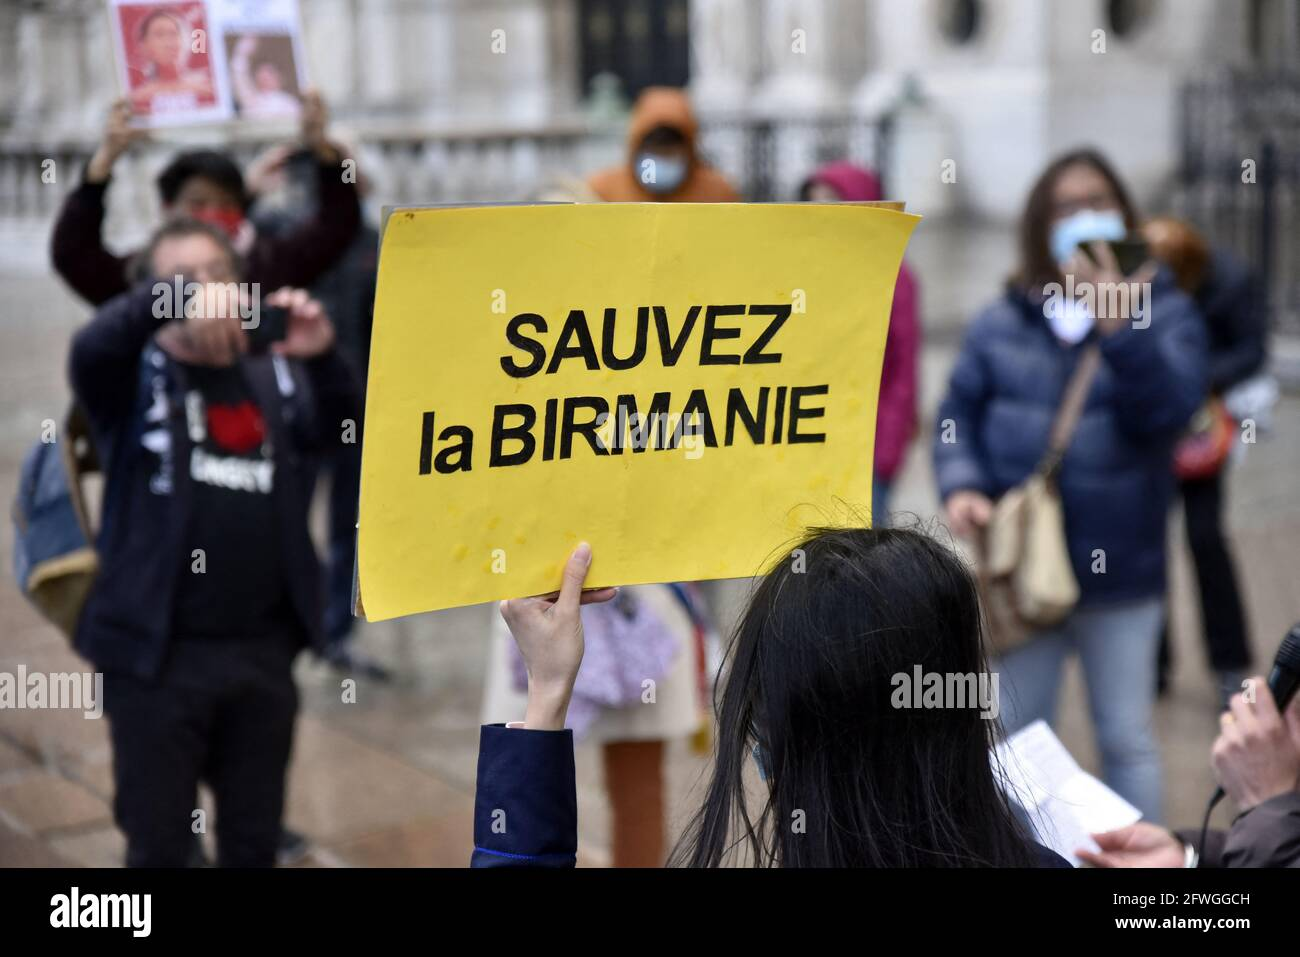 Rally per una democrazia in Myanmar e contro il colpo di Stato militare, presso l'Hôtel de Ville di Parigi, Francia, il 22 maggio 2021. Foto di Patrice Pierrot/Avenir Pictures/ABACAPRESS.COM Foto Stock